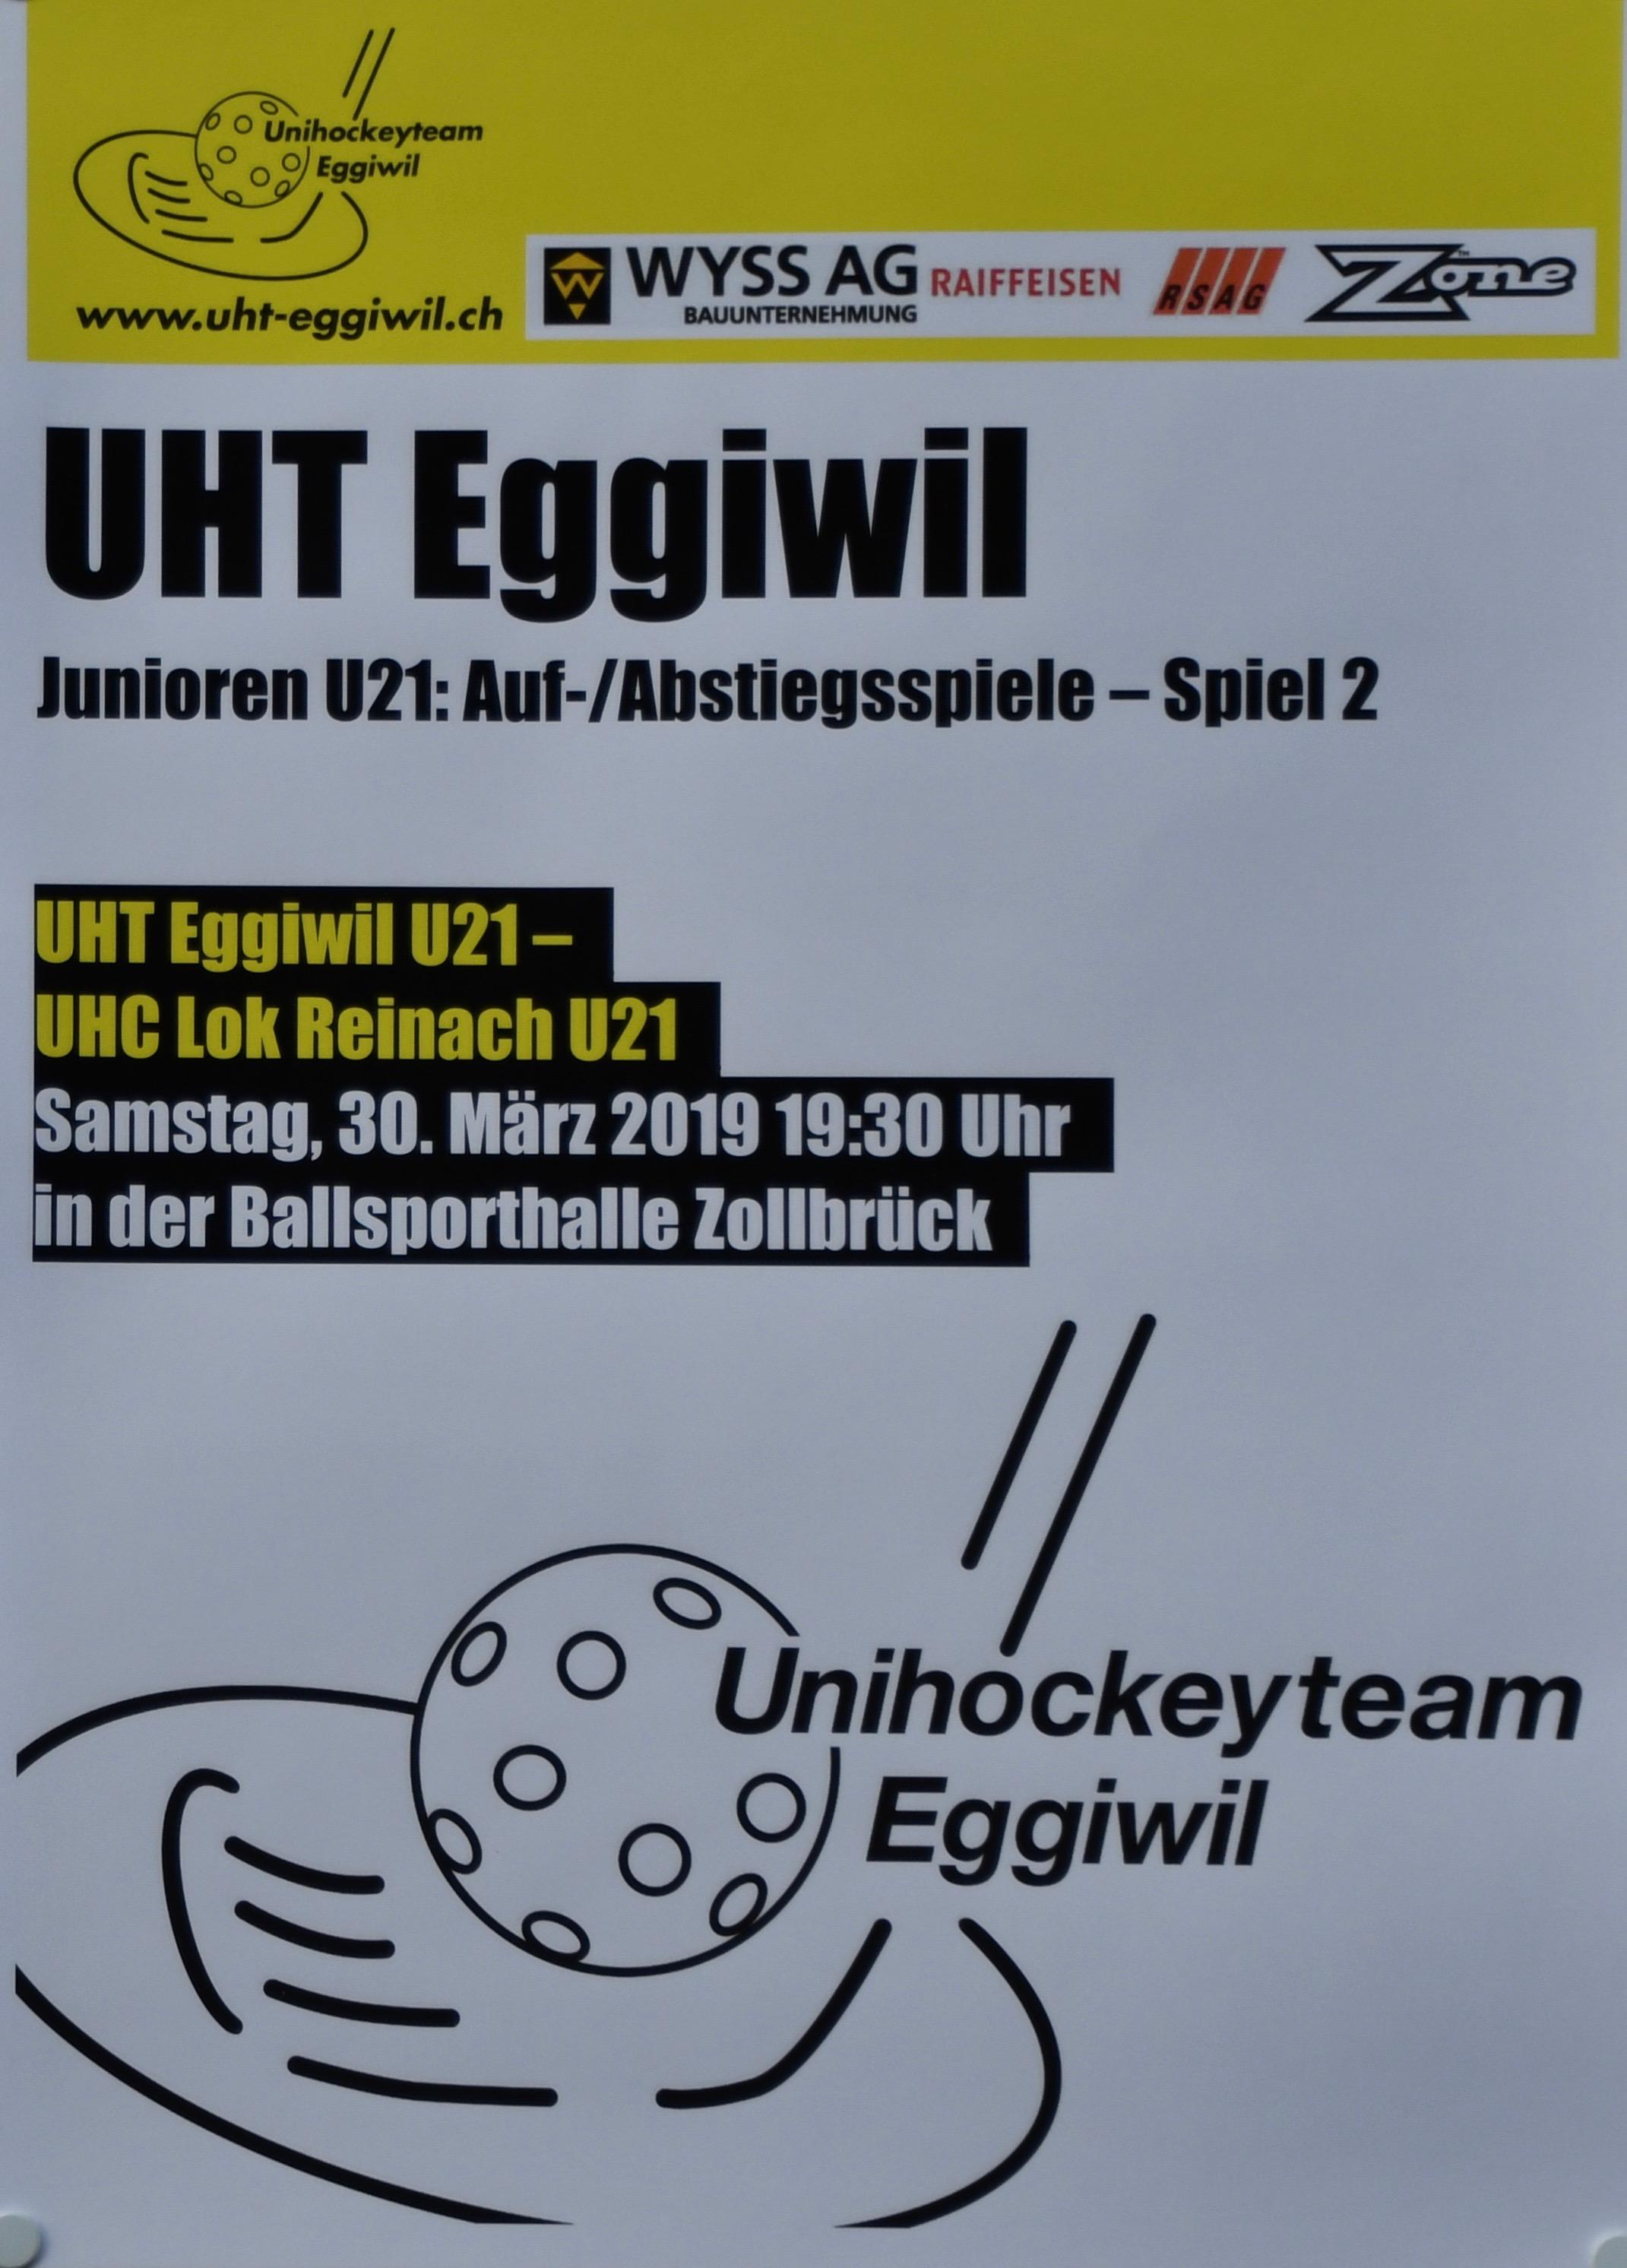 U21 - UHC Lok Reinach, Auf-/Abstiegspiele, Spiel 2, 1 Drittel, Saison 28/19